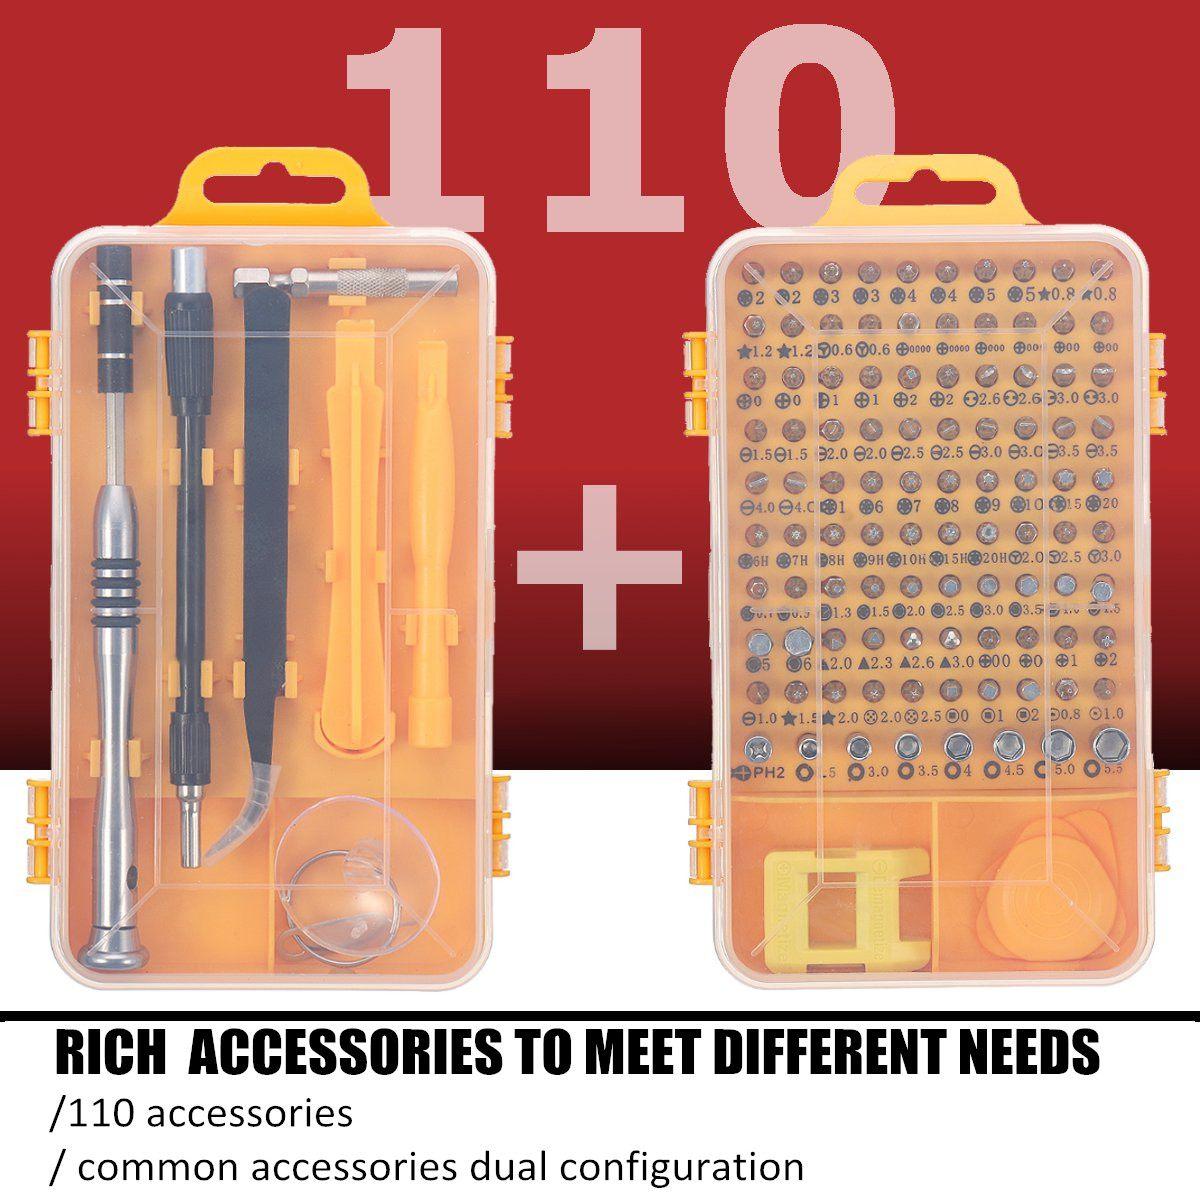 Reparatur-werkzeuge & Kits Diy Hand Werkzeug Sets 110 Teile/los Uhren Telefon Reparatur Werkzeuge Bits Kits Pinzette Multifunktions Schraubendreher Uhrmacher Zubehör